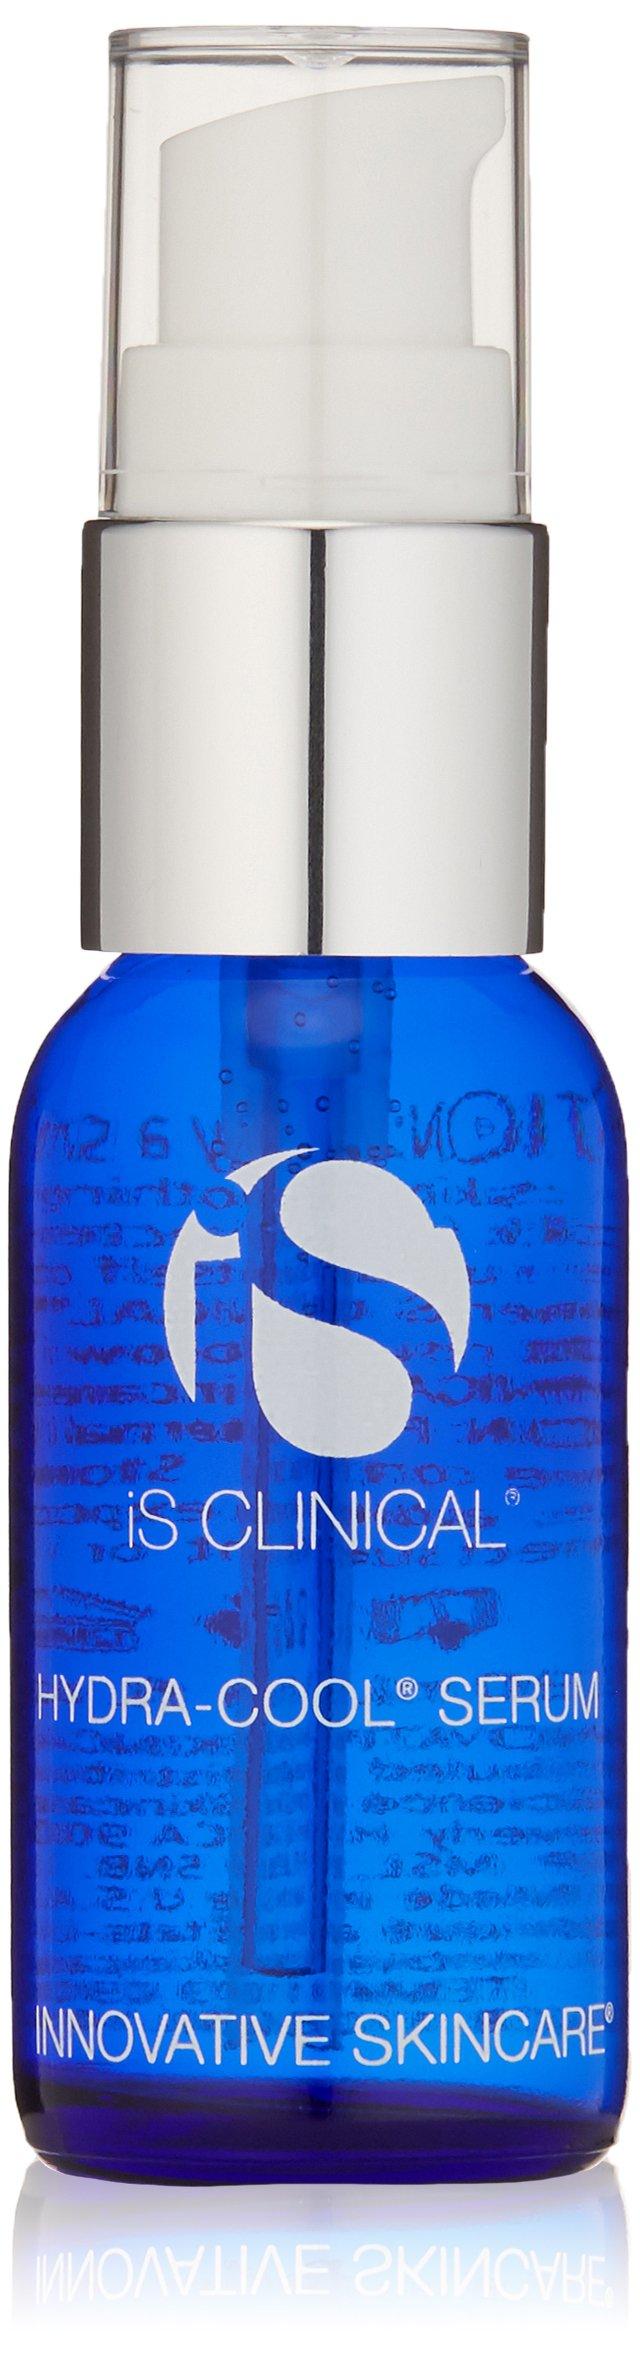 iS CLINICAL Hydra-Cool Serum, 1 fl. oz.